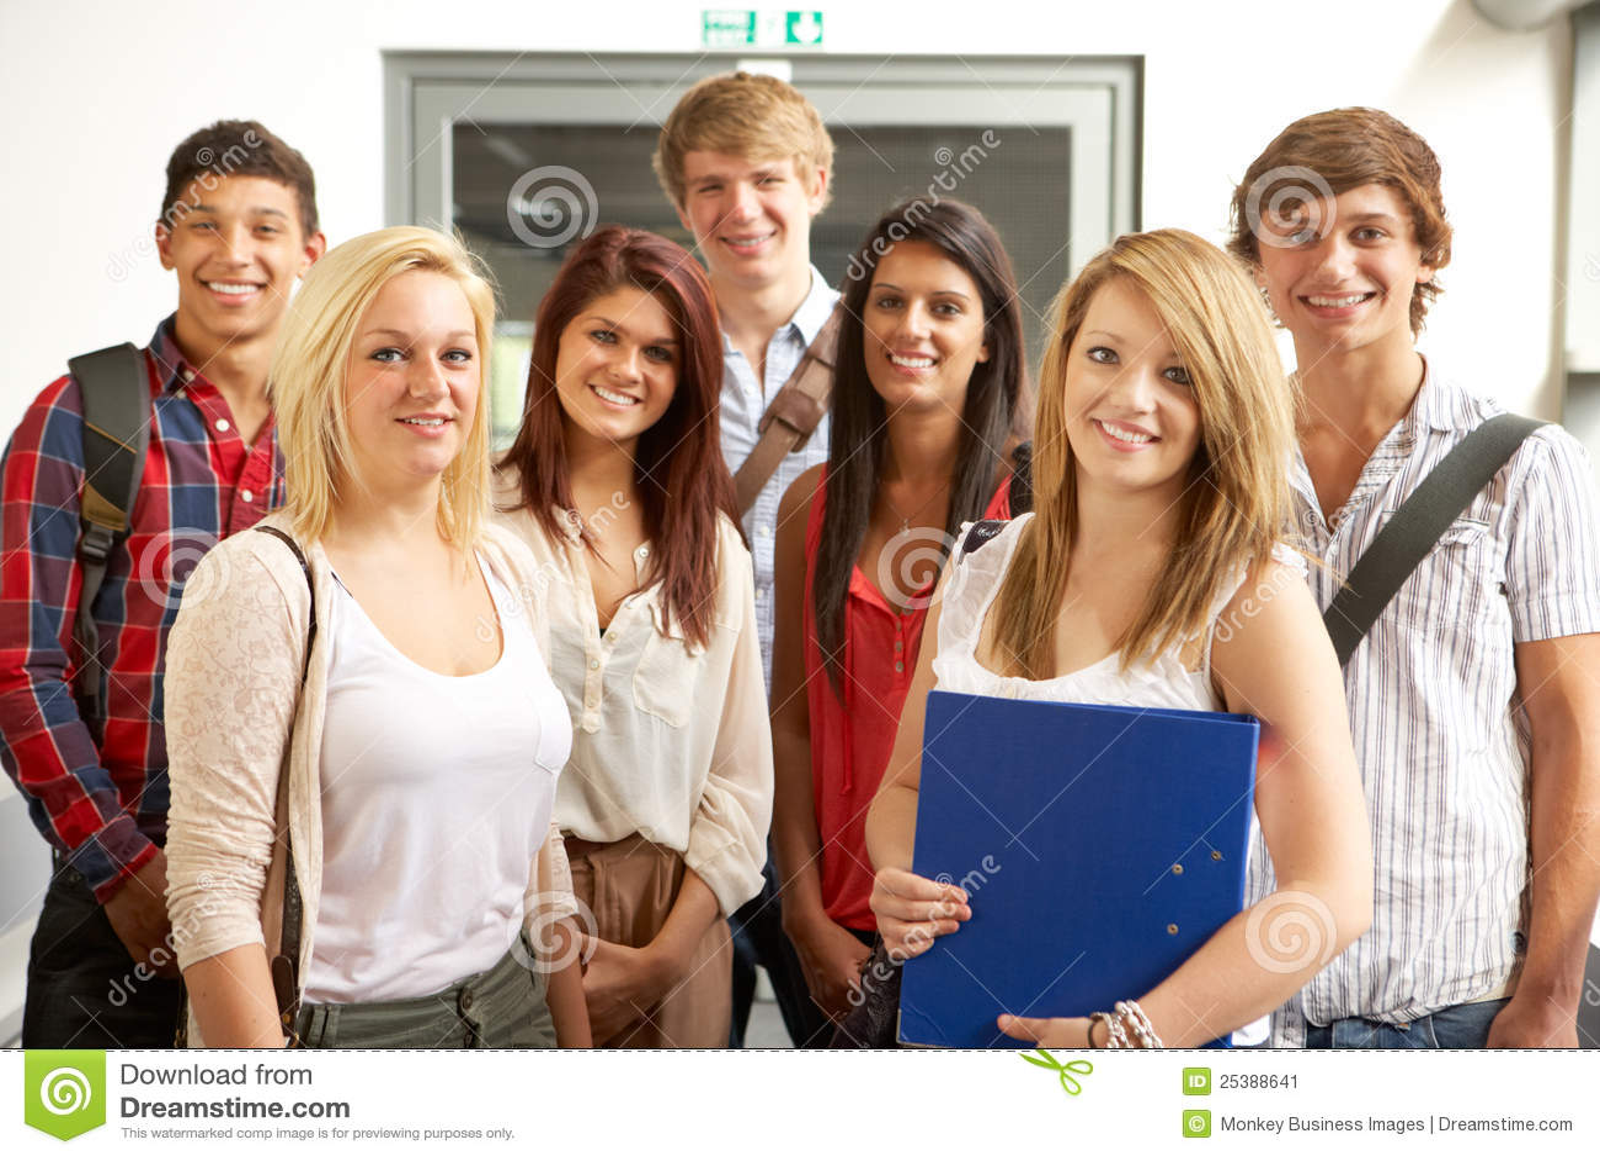 Студенточки в колледже 14 фотография